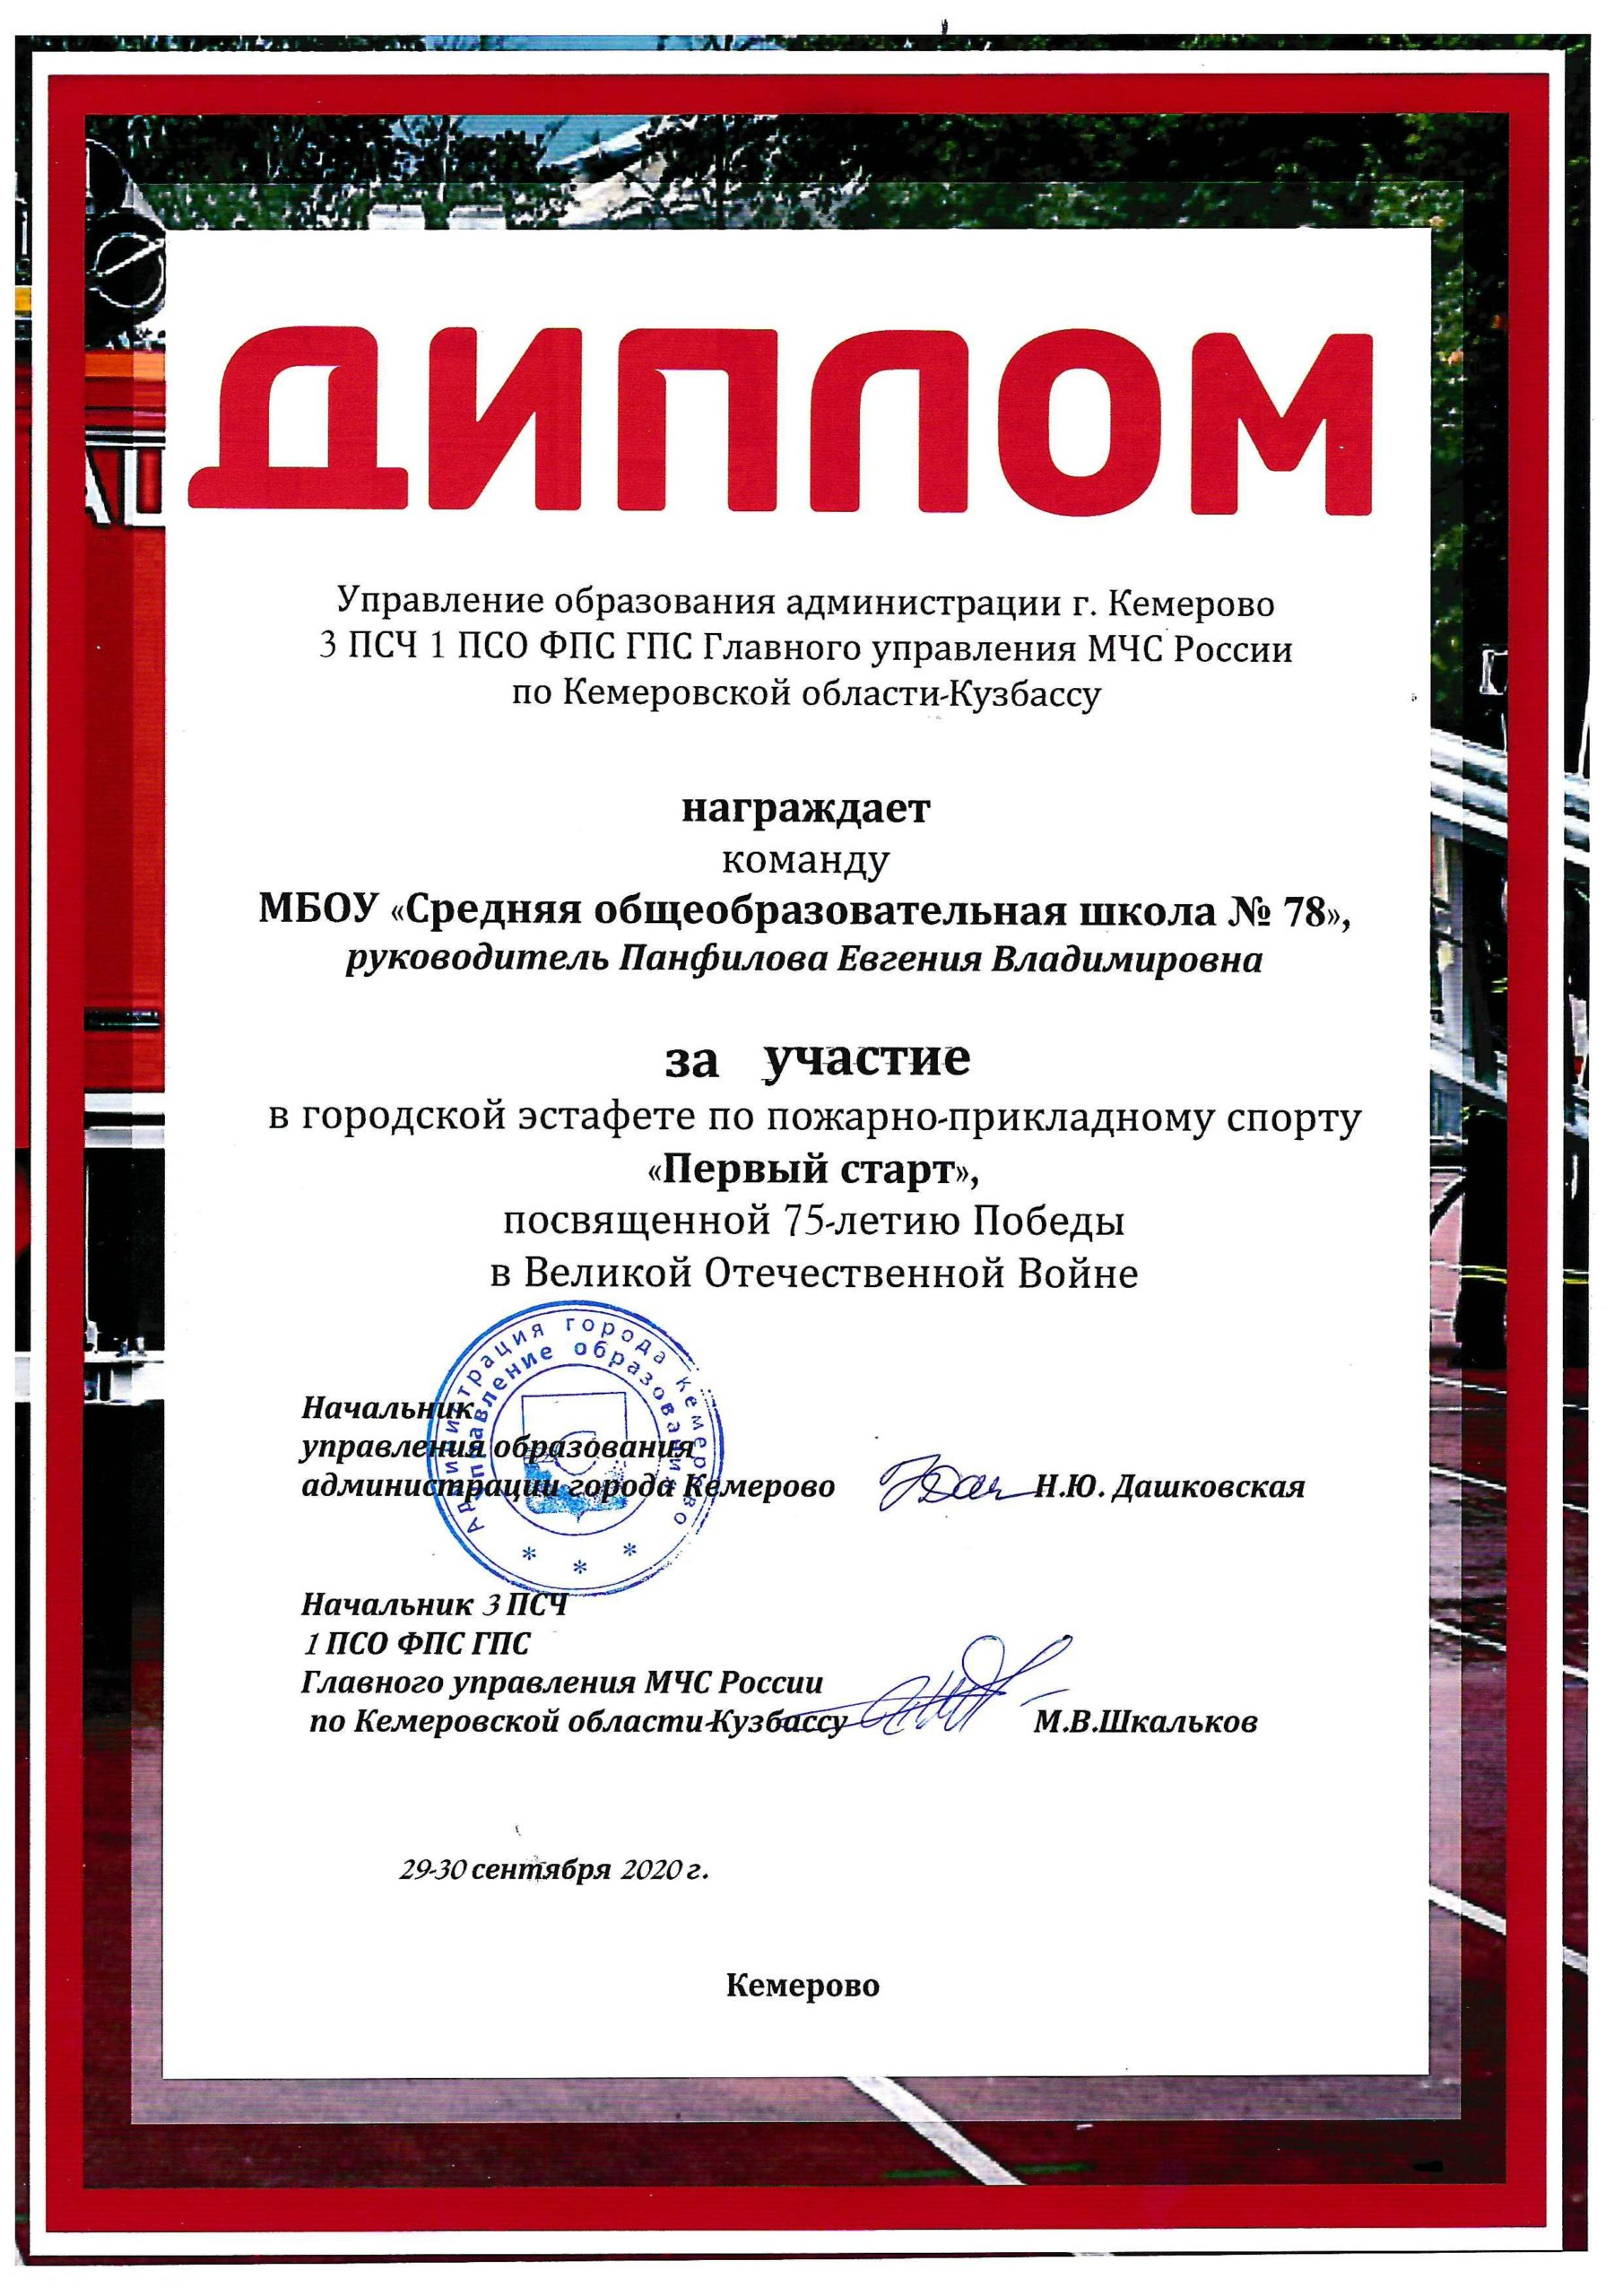 Дипломы ППС — 0004